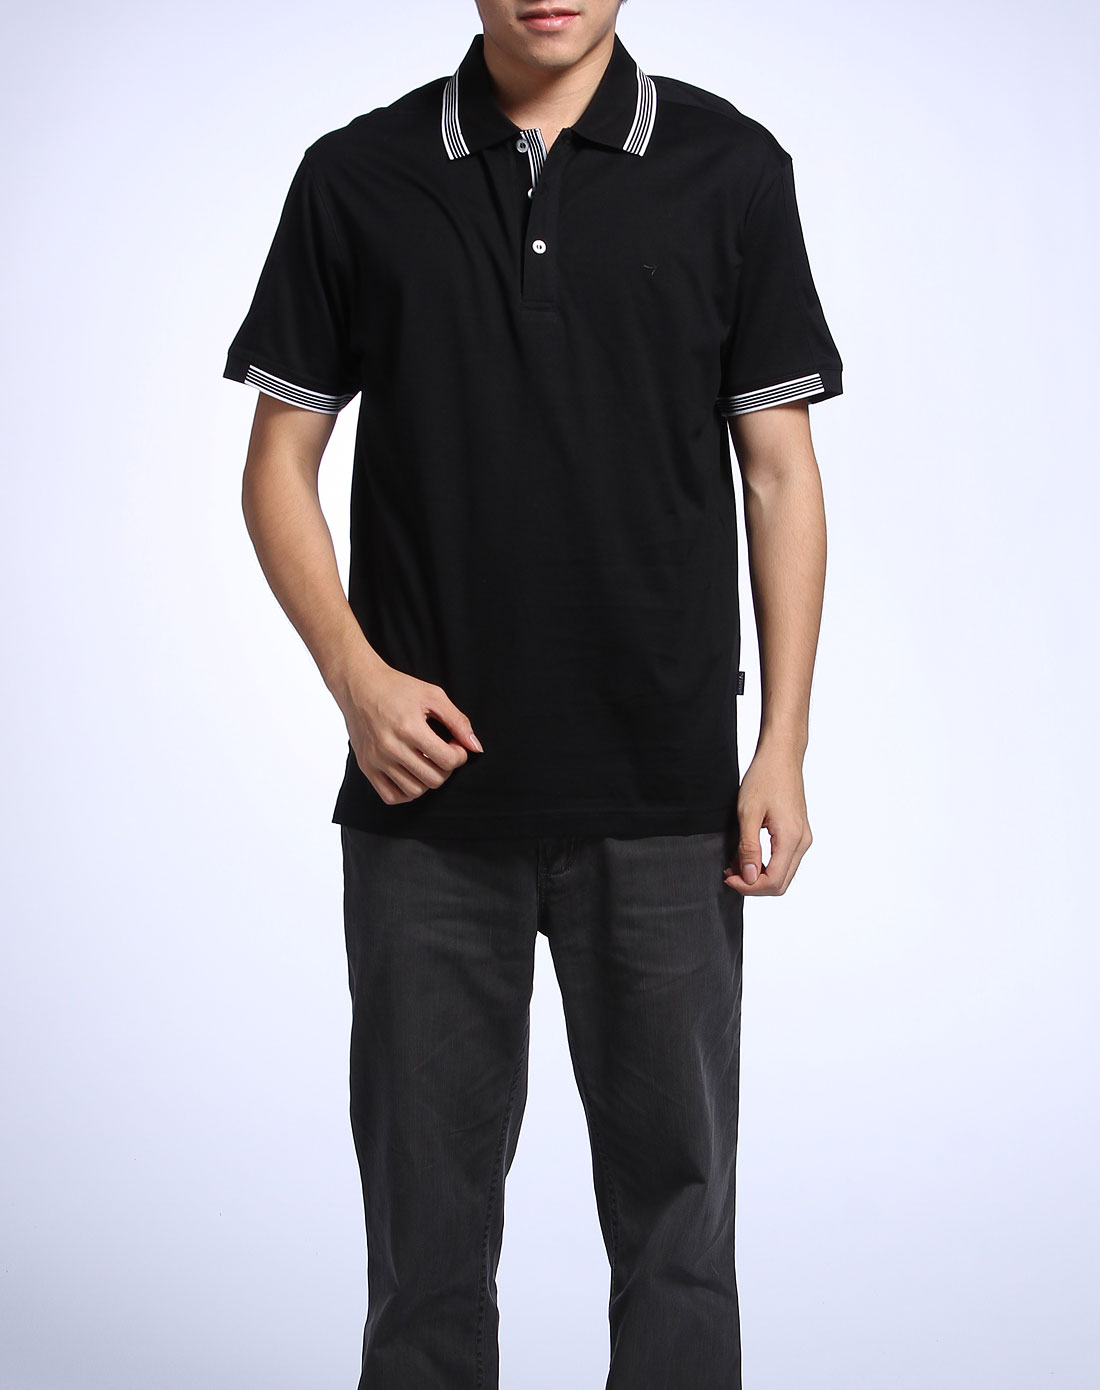 黑色简约休闲短袖polo衫